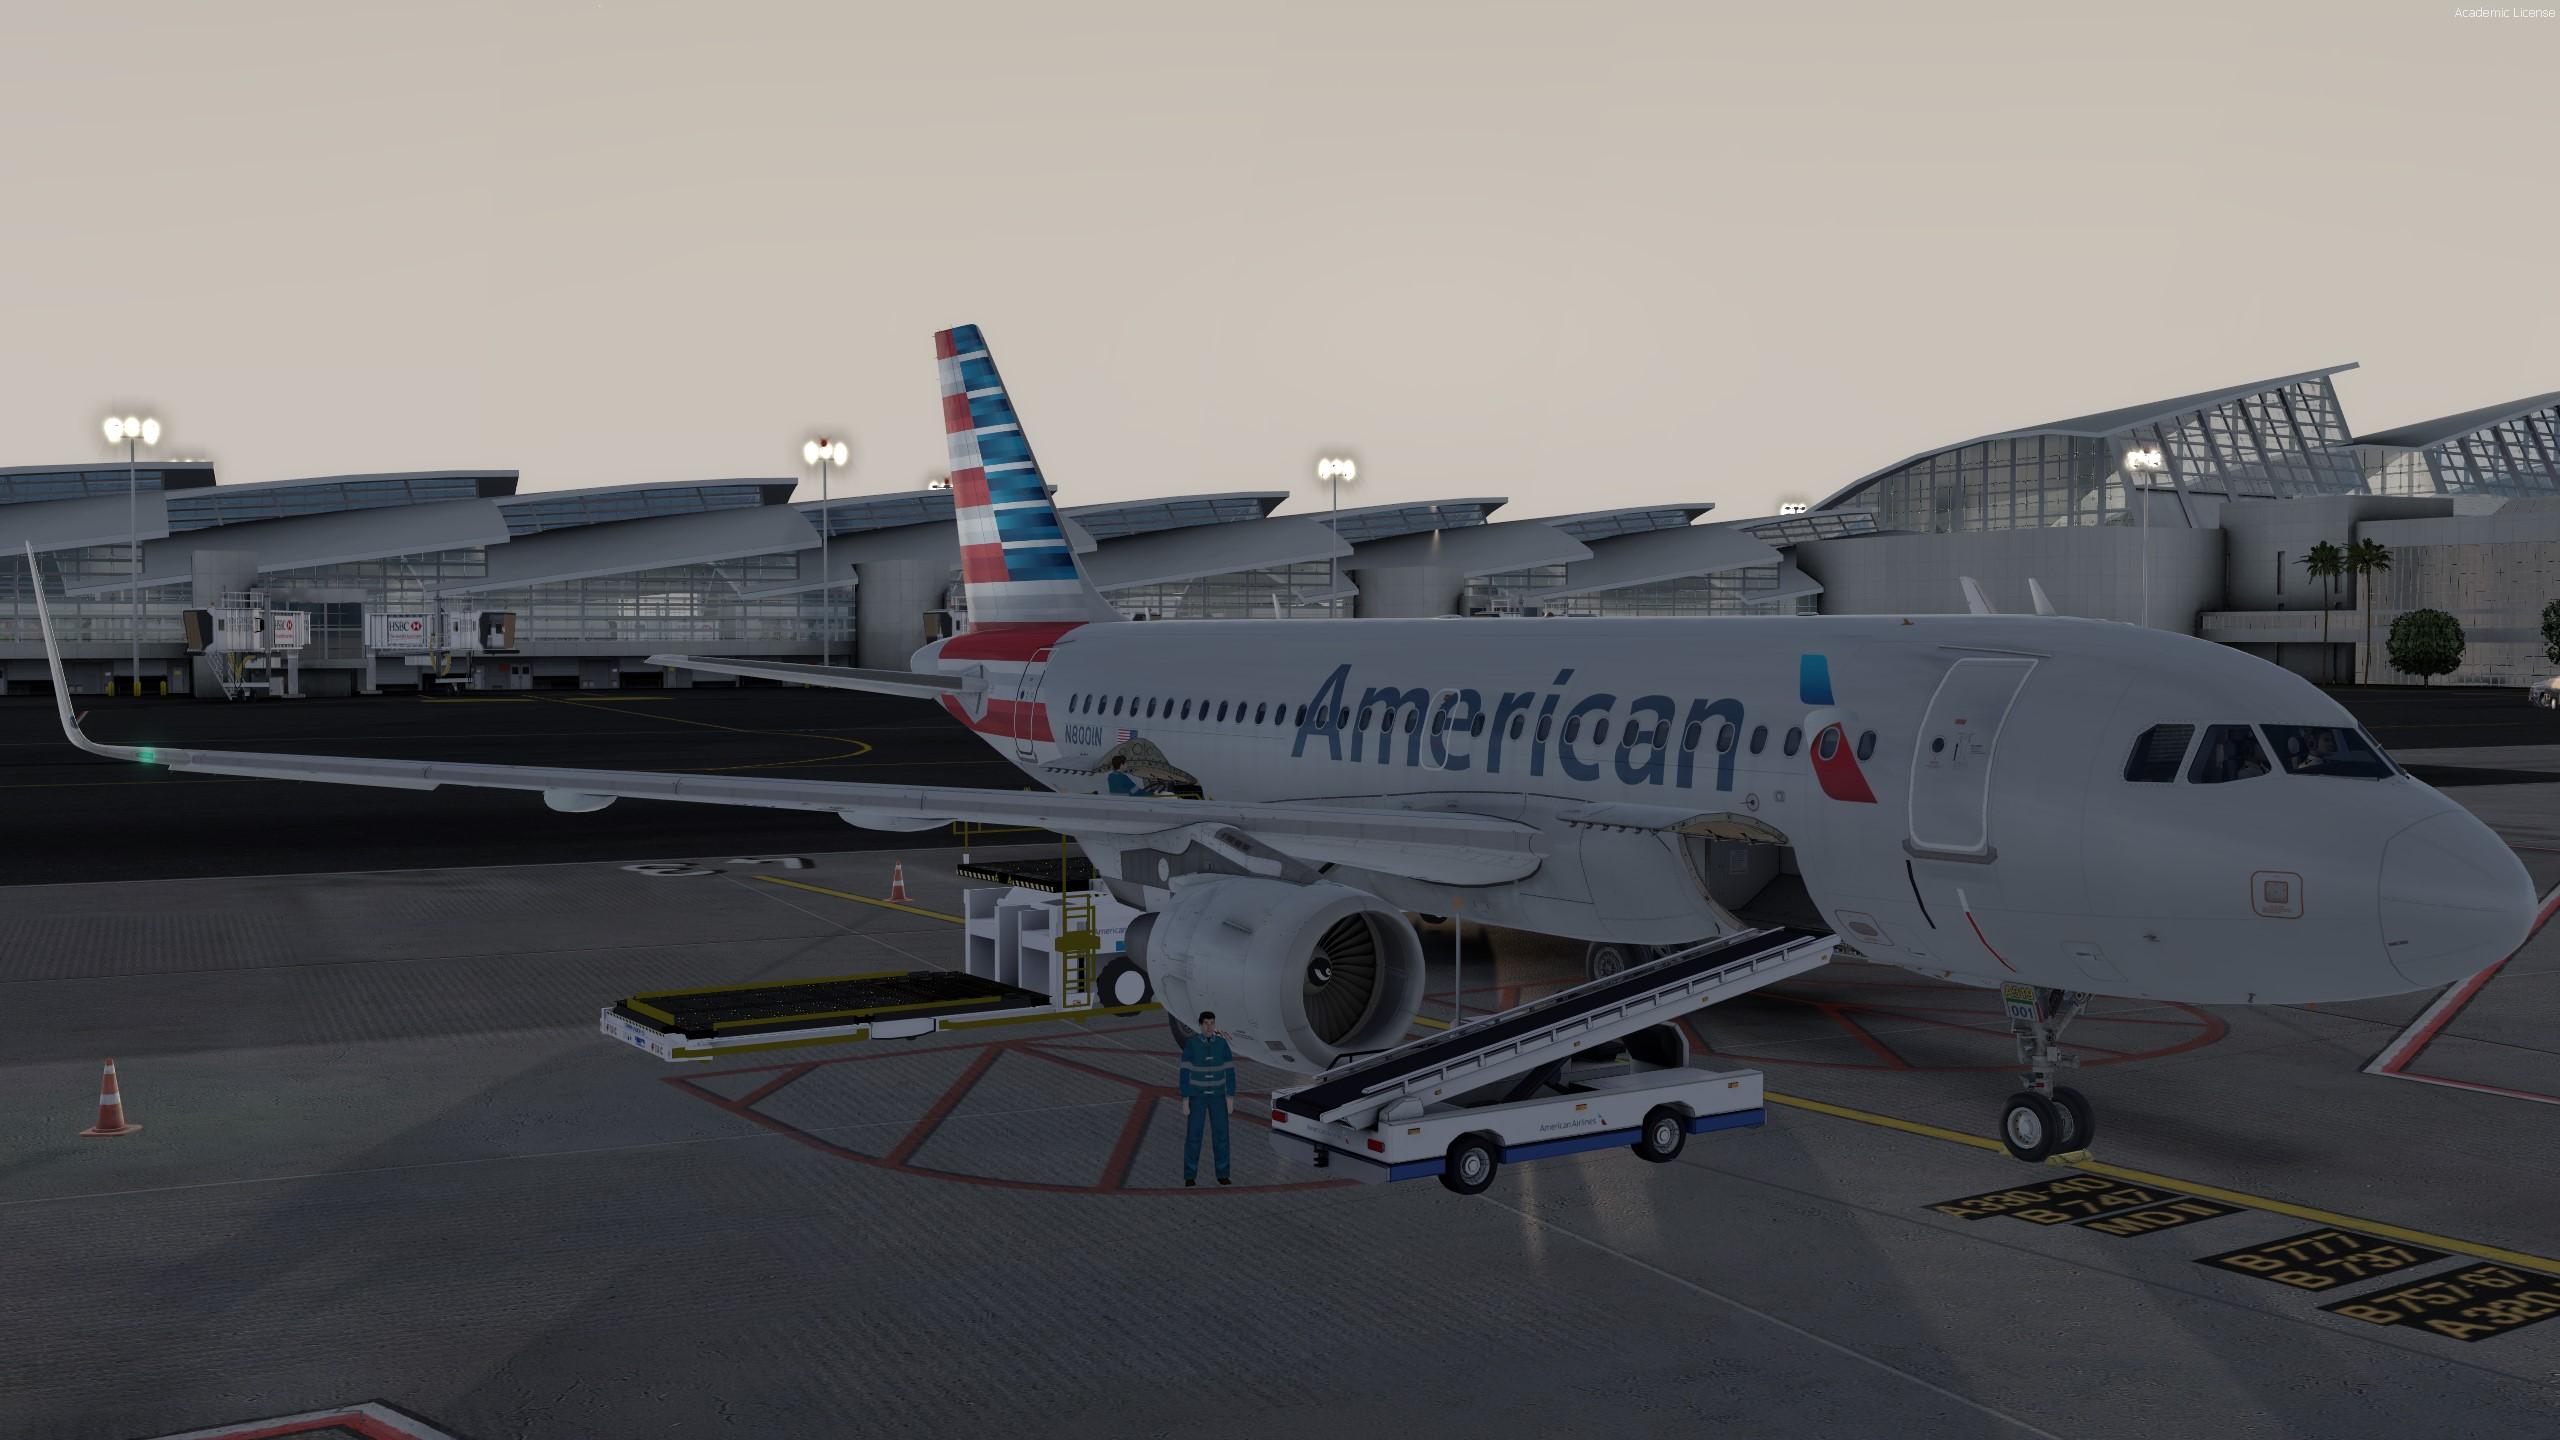 [P3D V4 3] Aerosoft A319 preparing for KLAX to KSFO